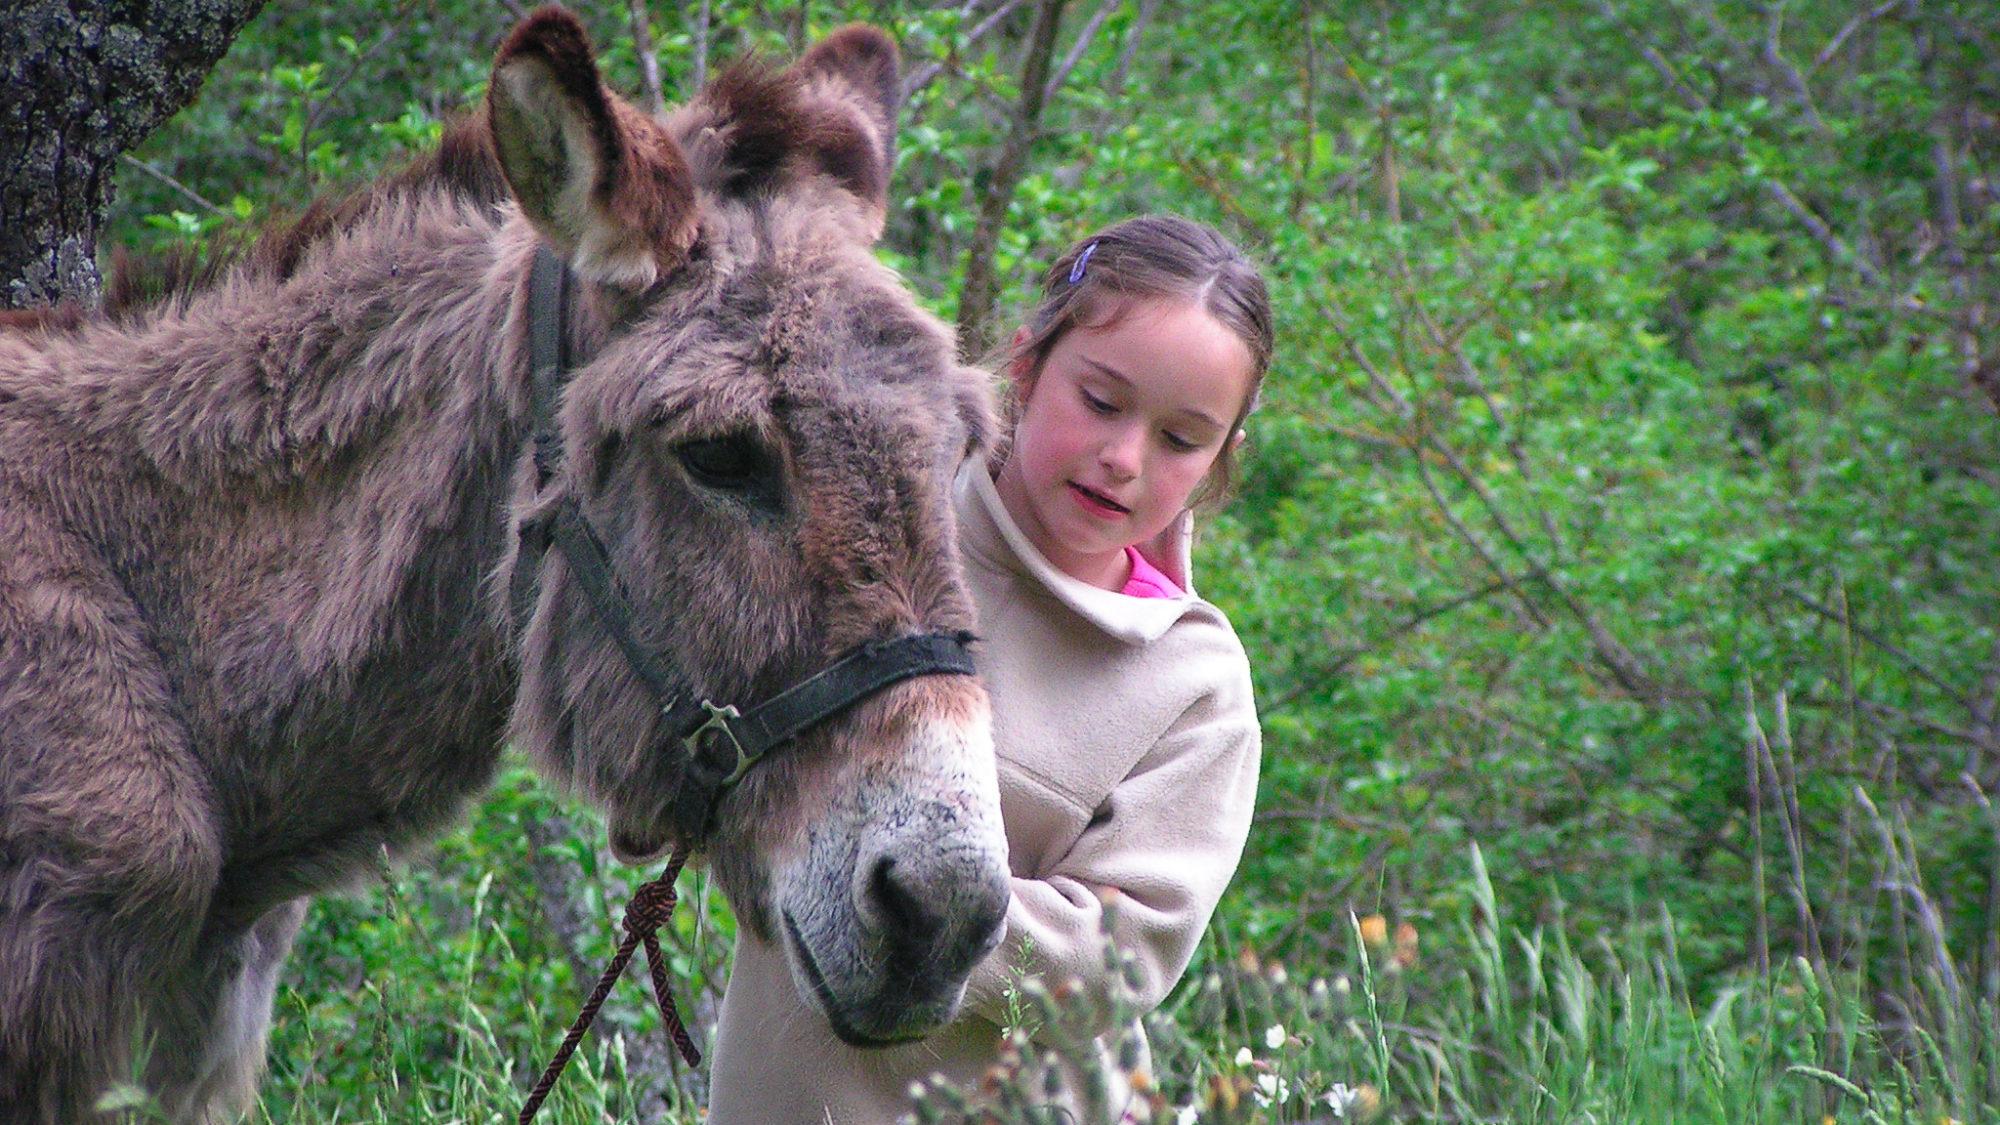 Les ânes sont d'agréables compagnons pour les enfants